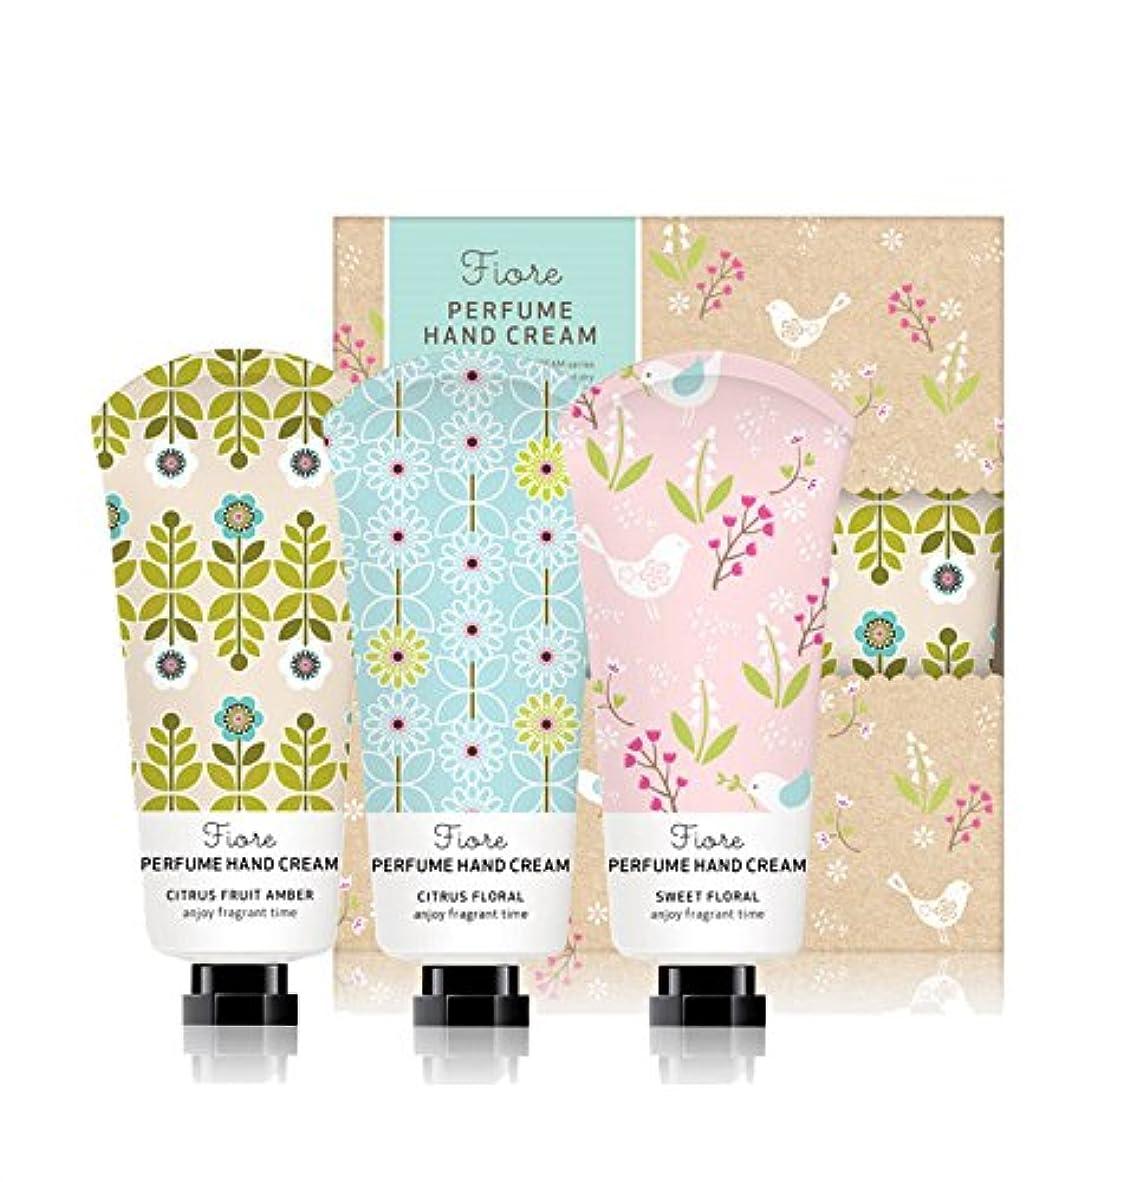 決定ウェブ感情[Fiore★ギフト用紙袋贈呈] パフュームハンドクリーム?スペシャルセット 60g x 3個セット / Perfume Hand Cream Specail Set